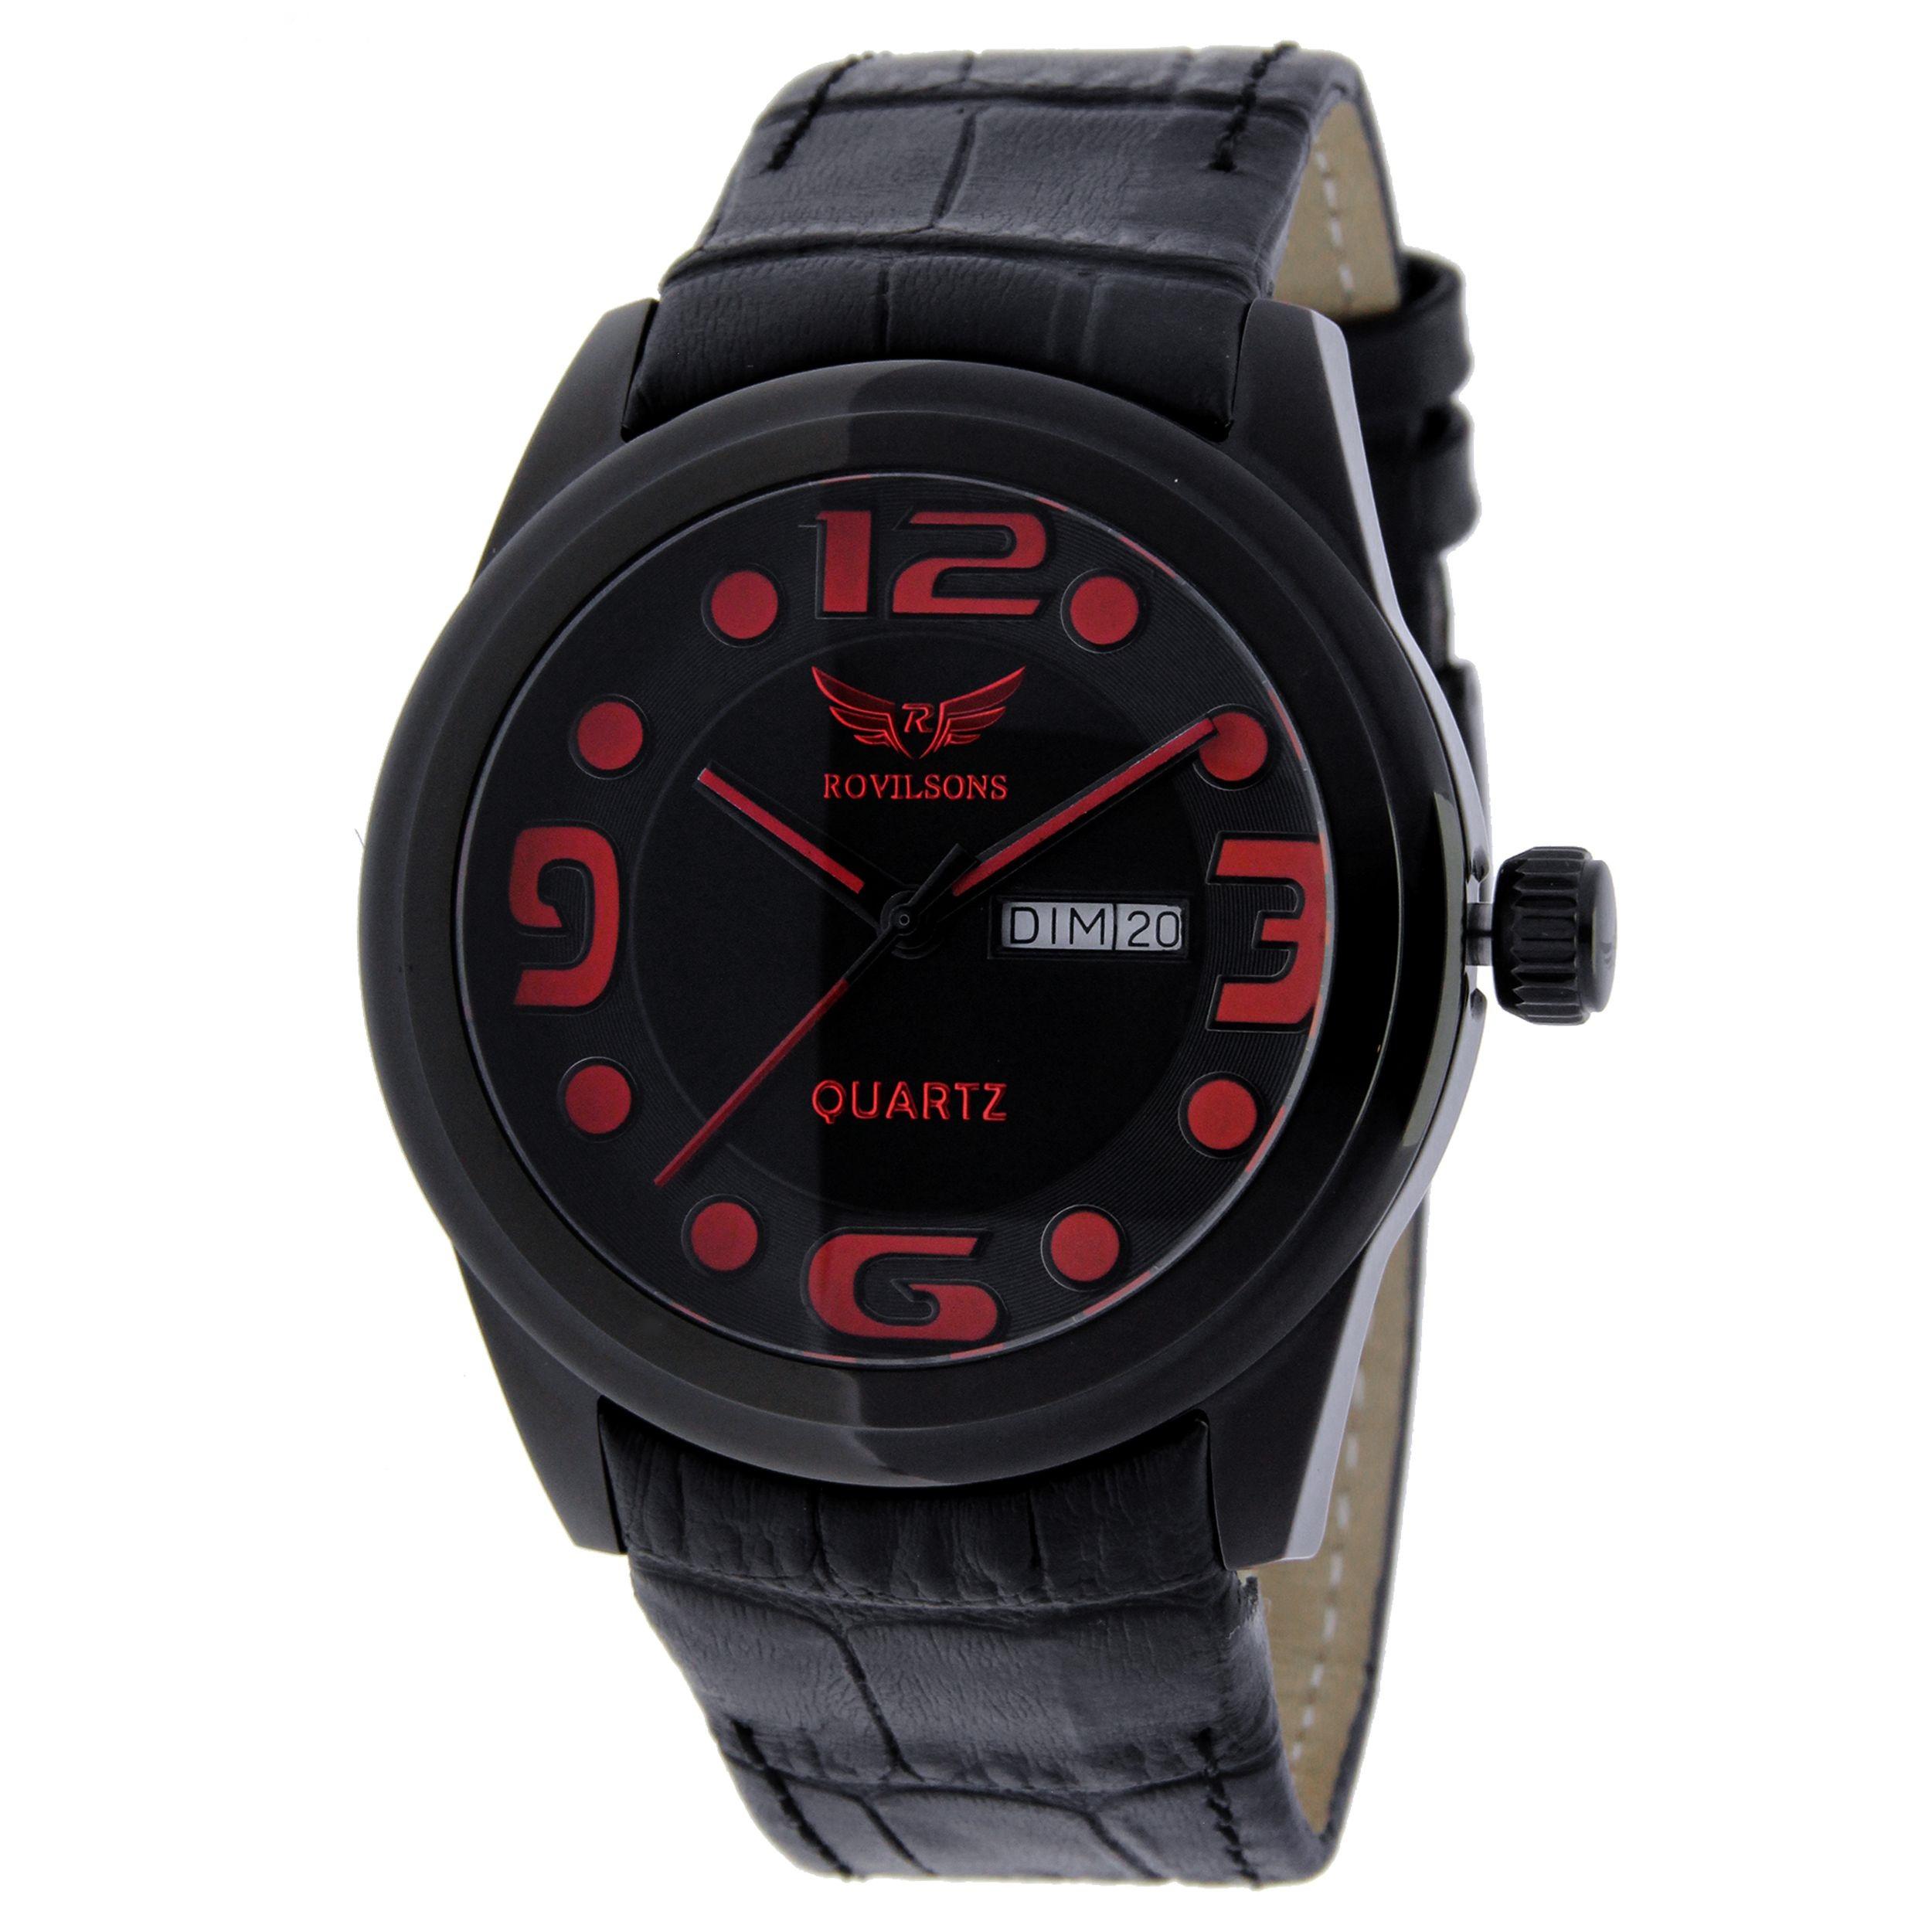 ساعت مچی عقربه ای مردانه راویلسون مدل 1-RW-019G 6